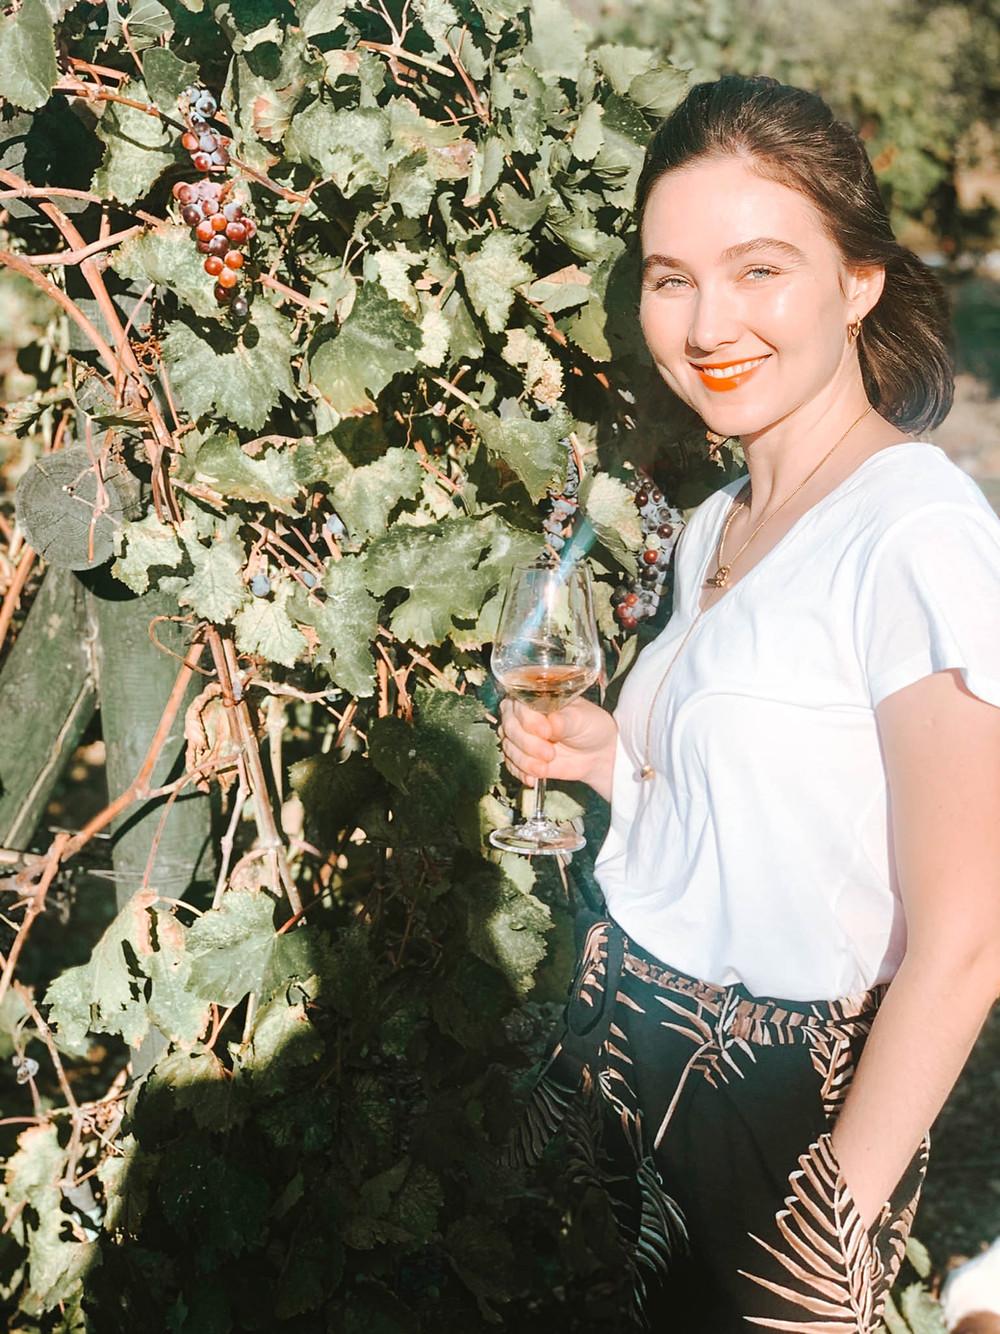 Jenna at Knidos Vineyard - ever the voice of reason!